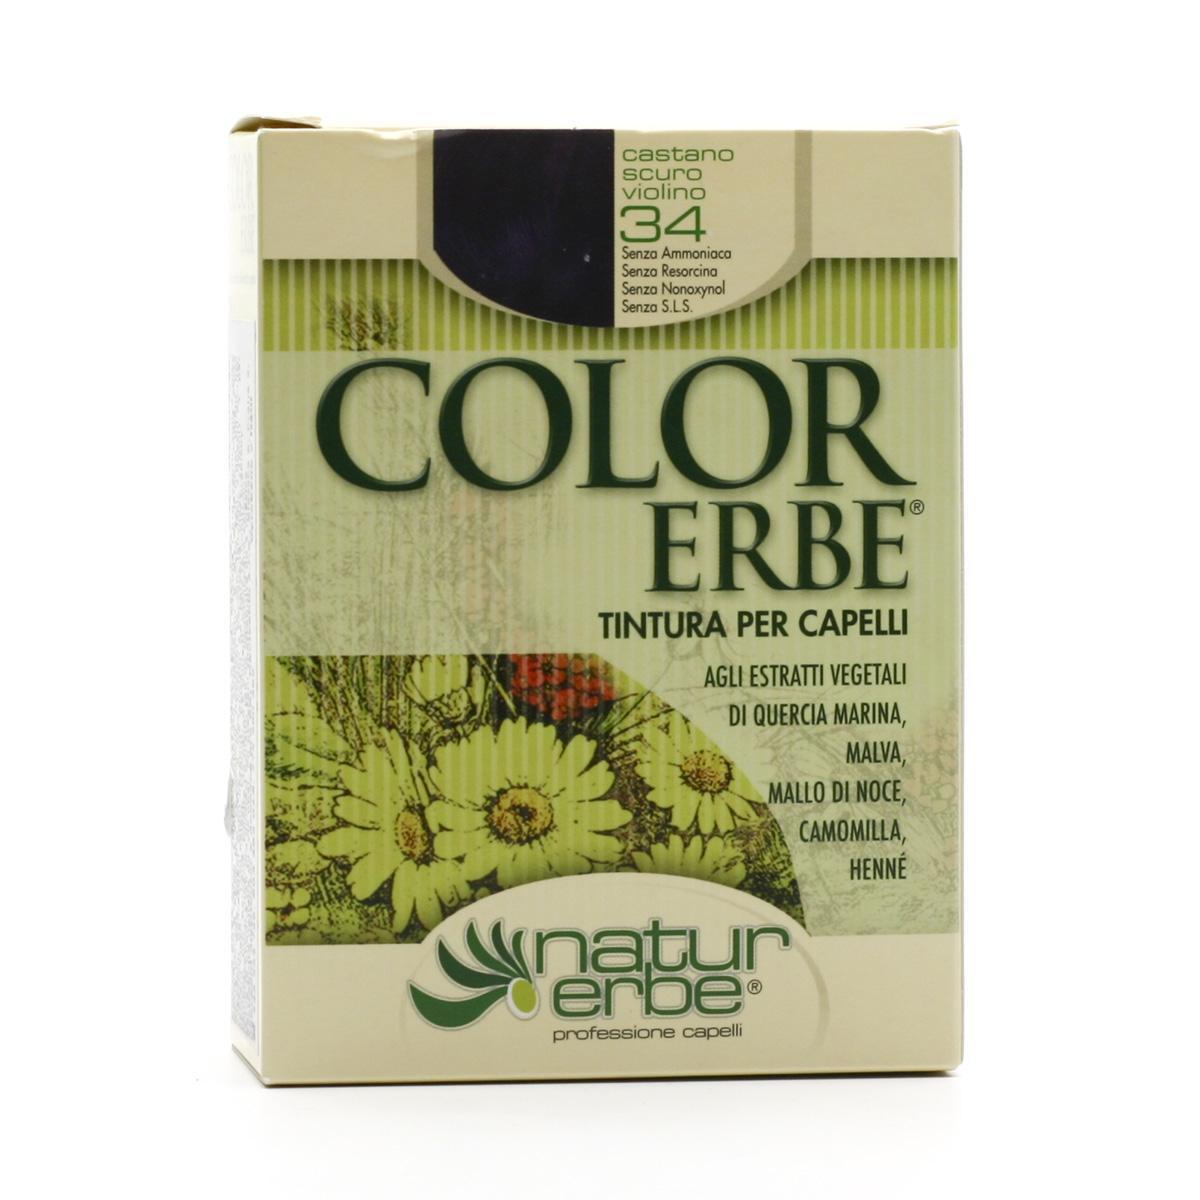 Color Erbe Barva na vlasy Kaštanová temně fialová 34, Natur 135 ml